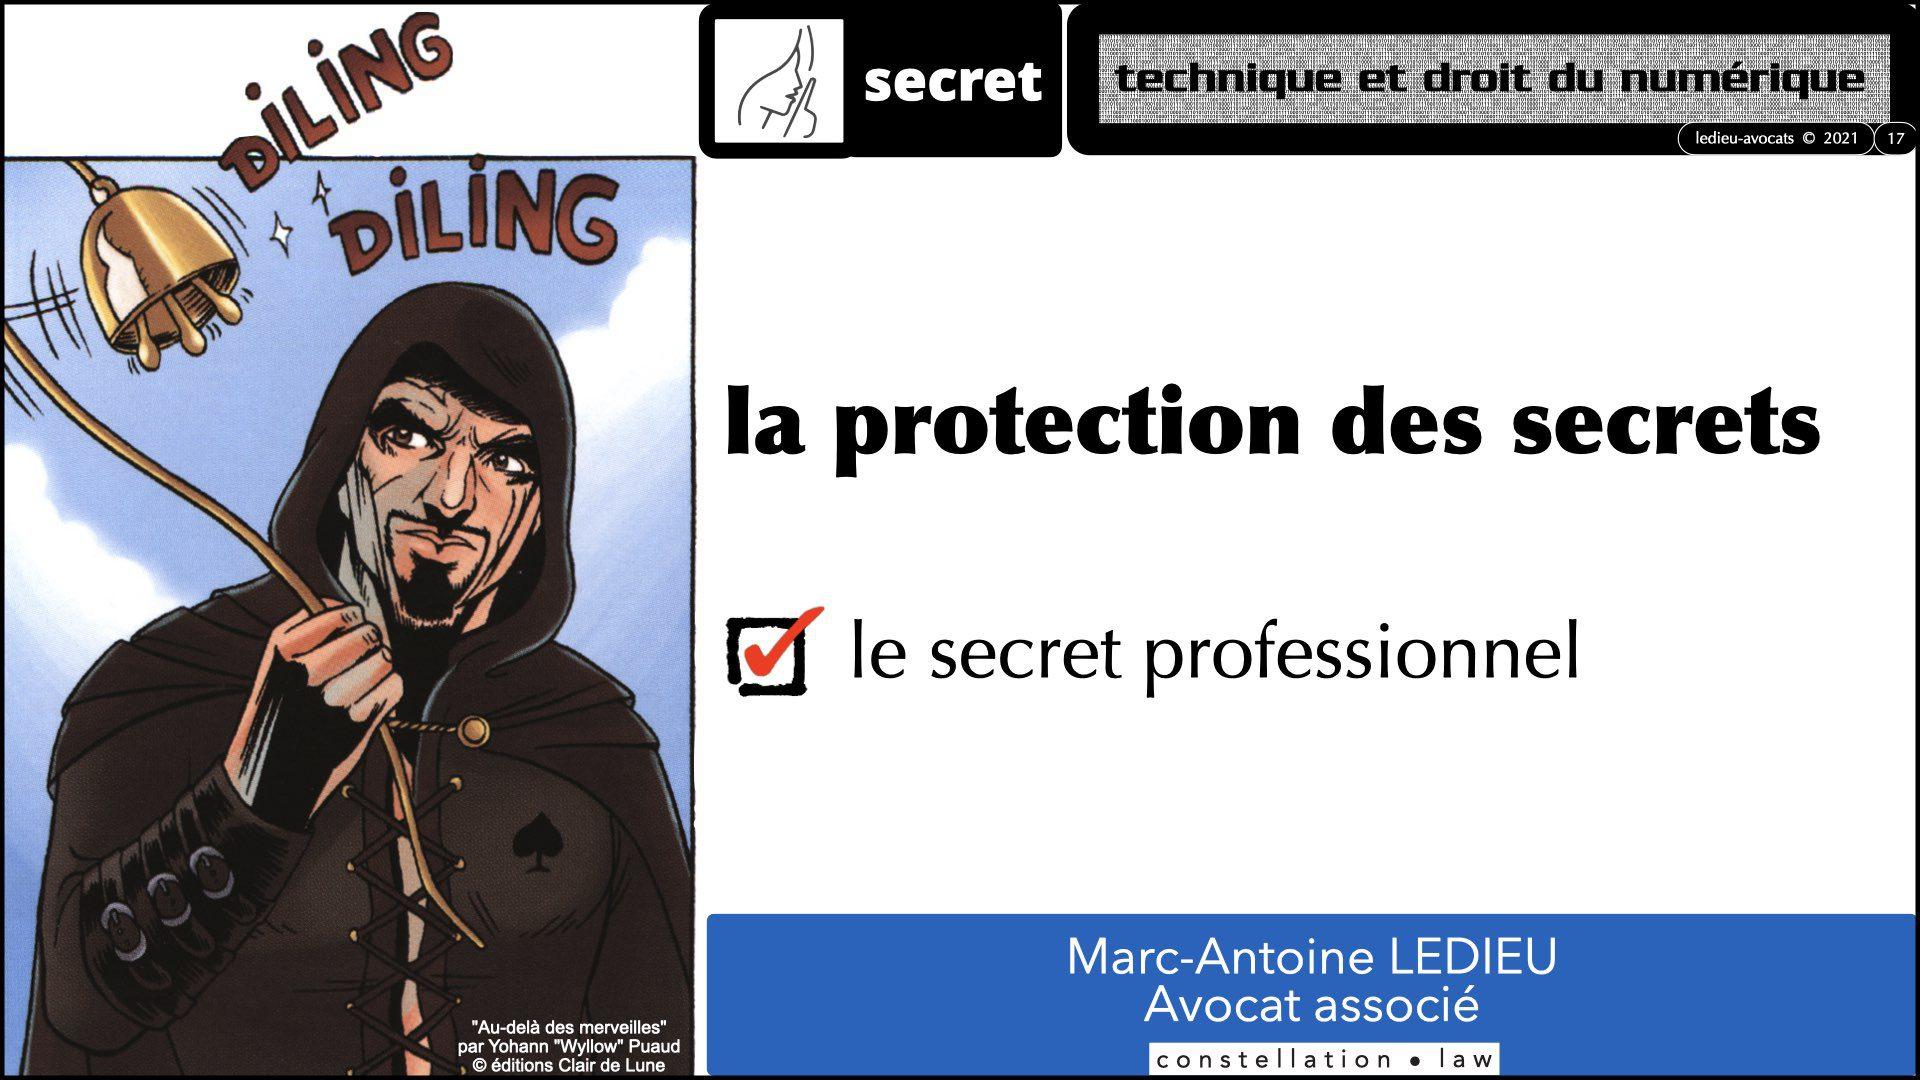 #346 zOOm X'UP SECRET d'affaire confidentialité non disclosure NDA © Ledieu Avocats technique droit numerique BLOG en BD 12-09-2021.017